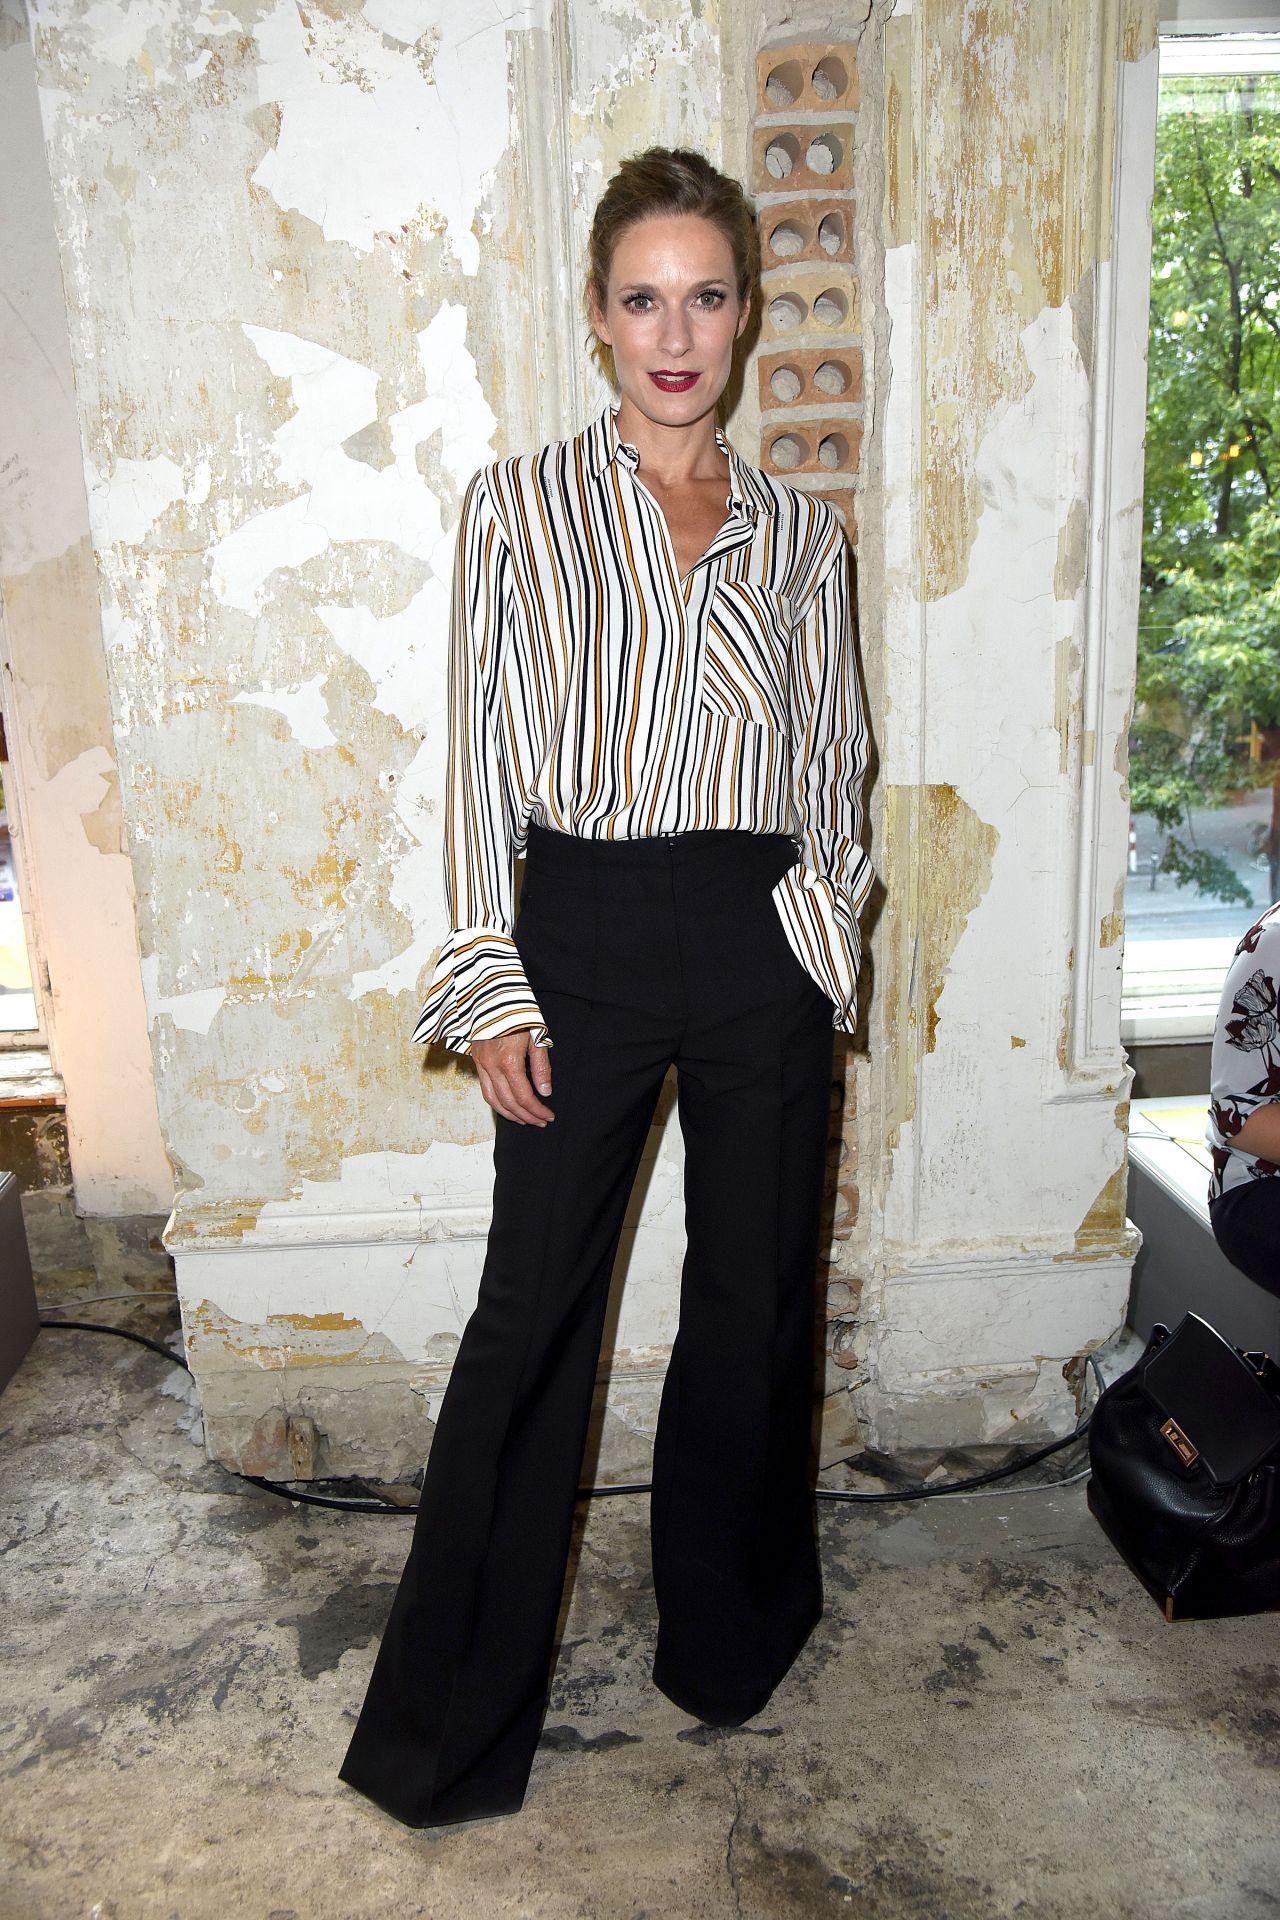 Lisa martinek saskia diez dorothee schumacher show mercedes benz fashion week in berlin naked (97 photo), Boobs Celebrites foto